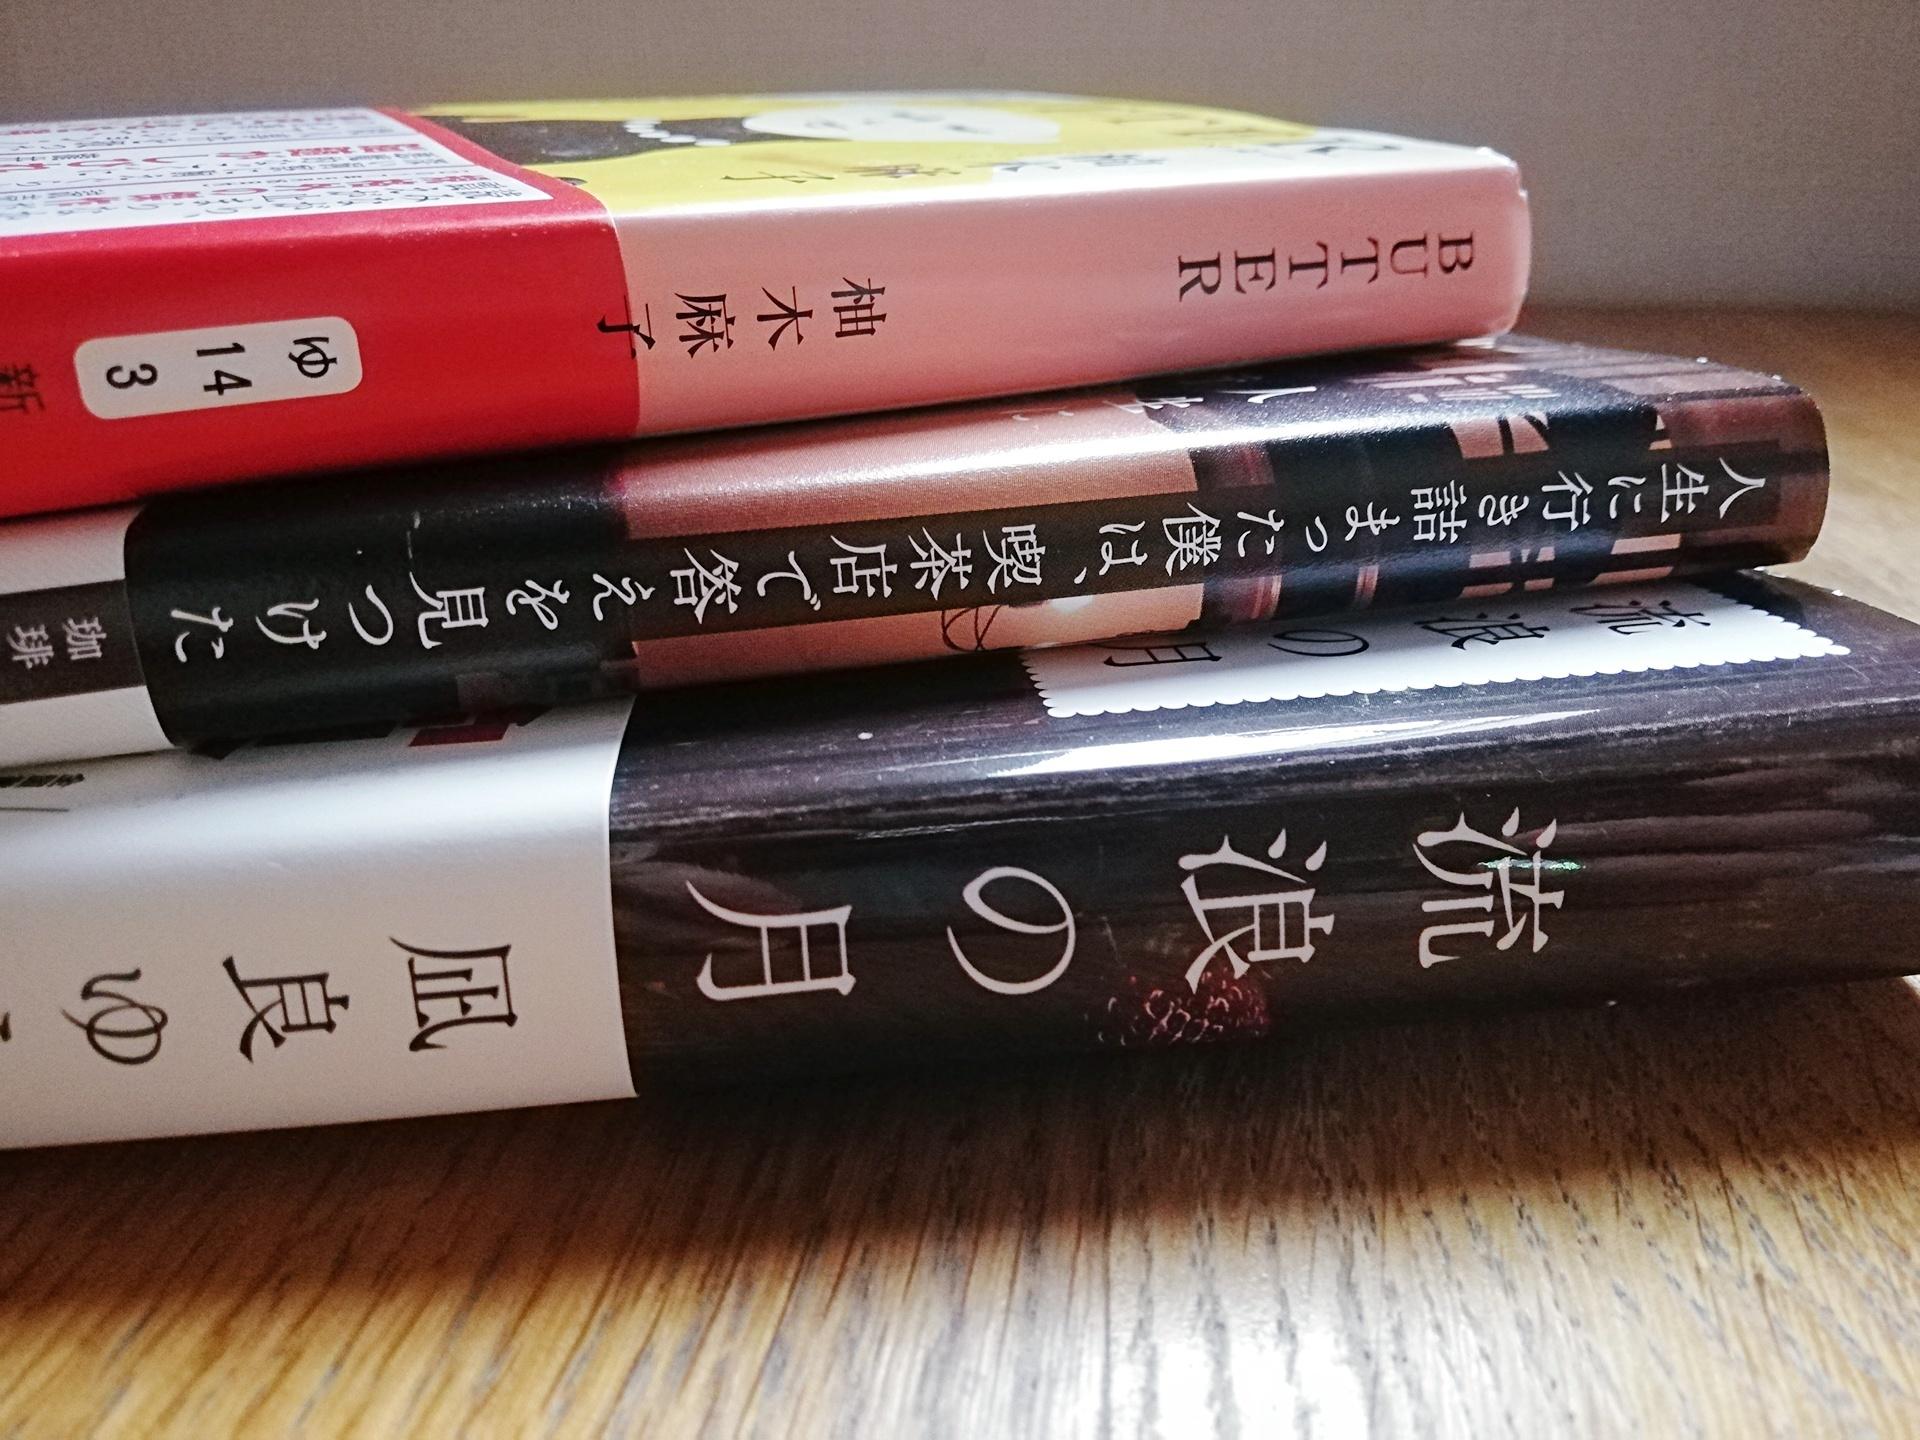 女の適量を知る貴重な読書体験【2020年5月読書レポート】